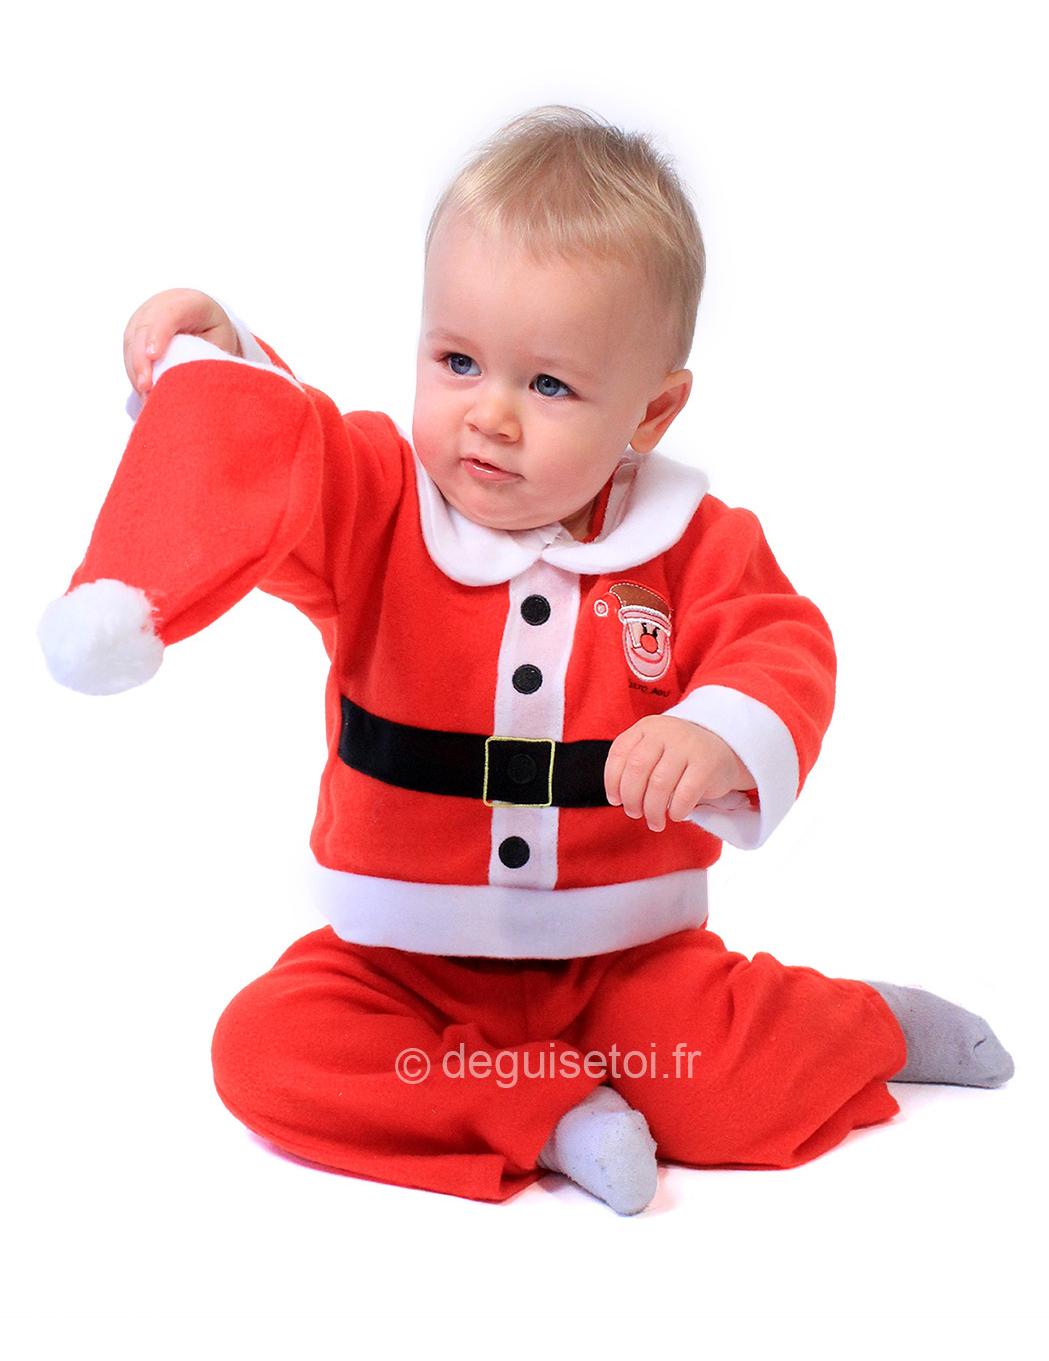 c5cdbbbb14b9f Déguisement Père Noël complet bébé   Deguise-toi